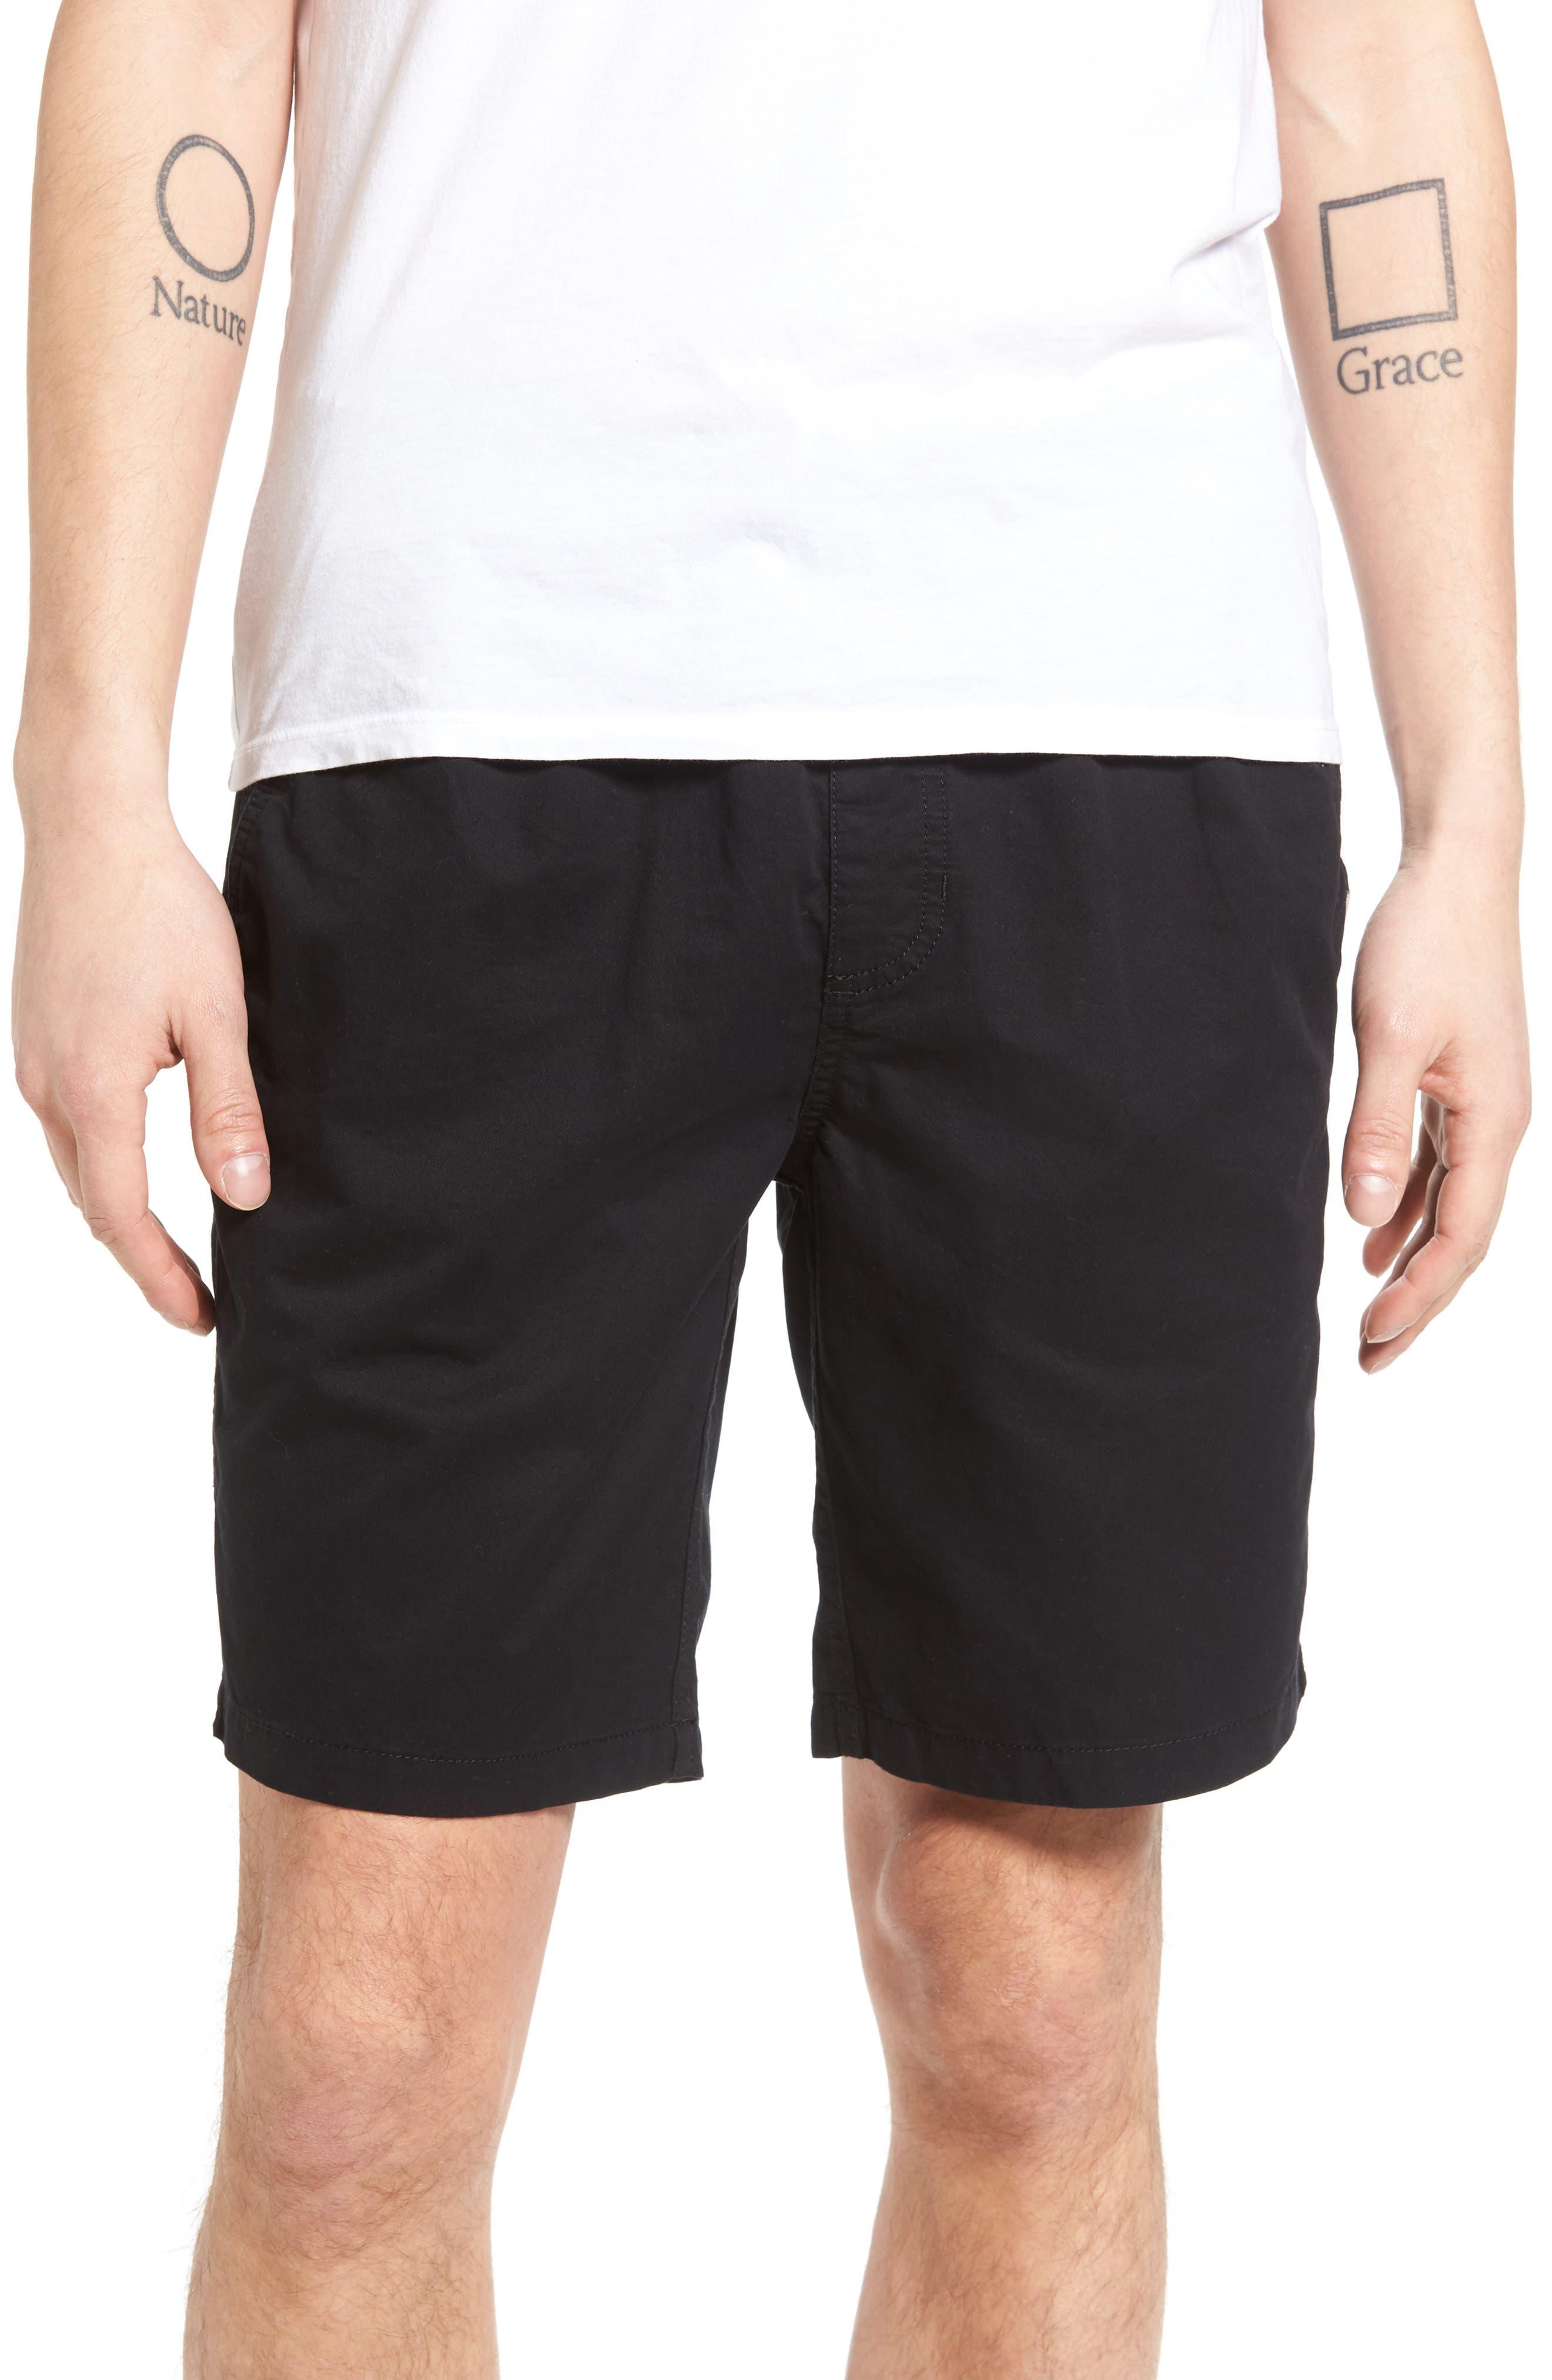 Range Shorts,                             Main thumbnail 1, color,                             Black